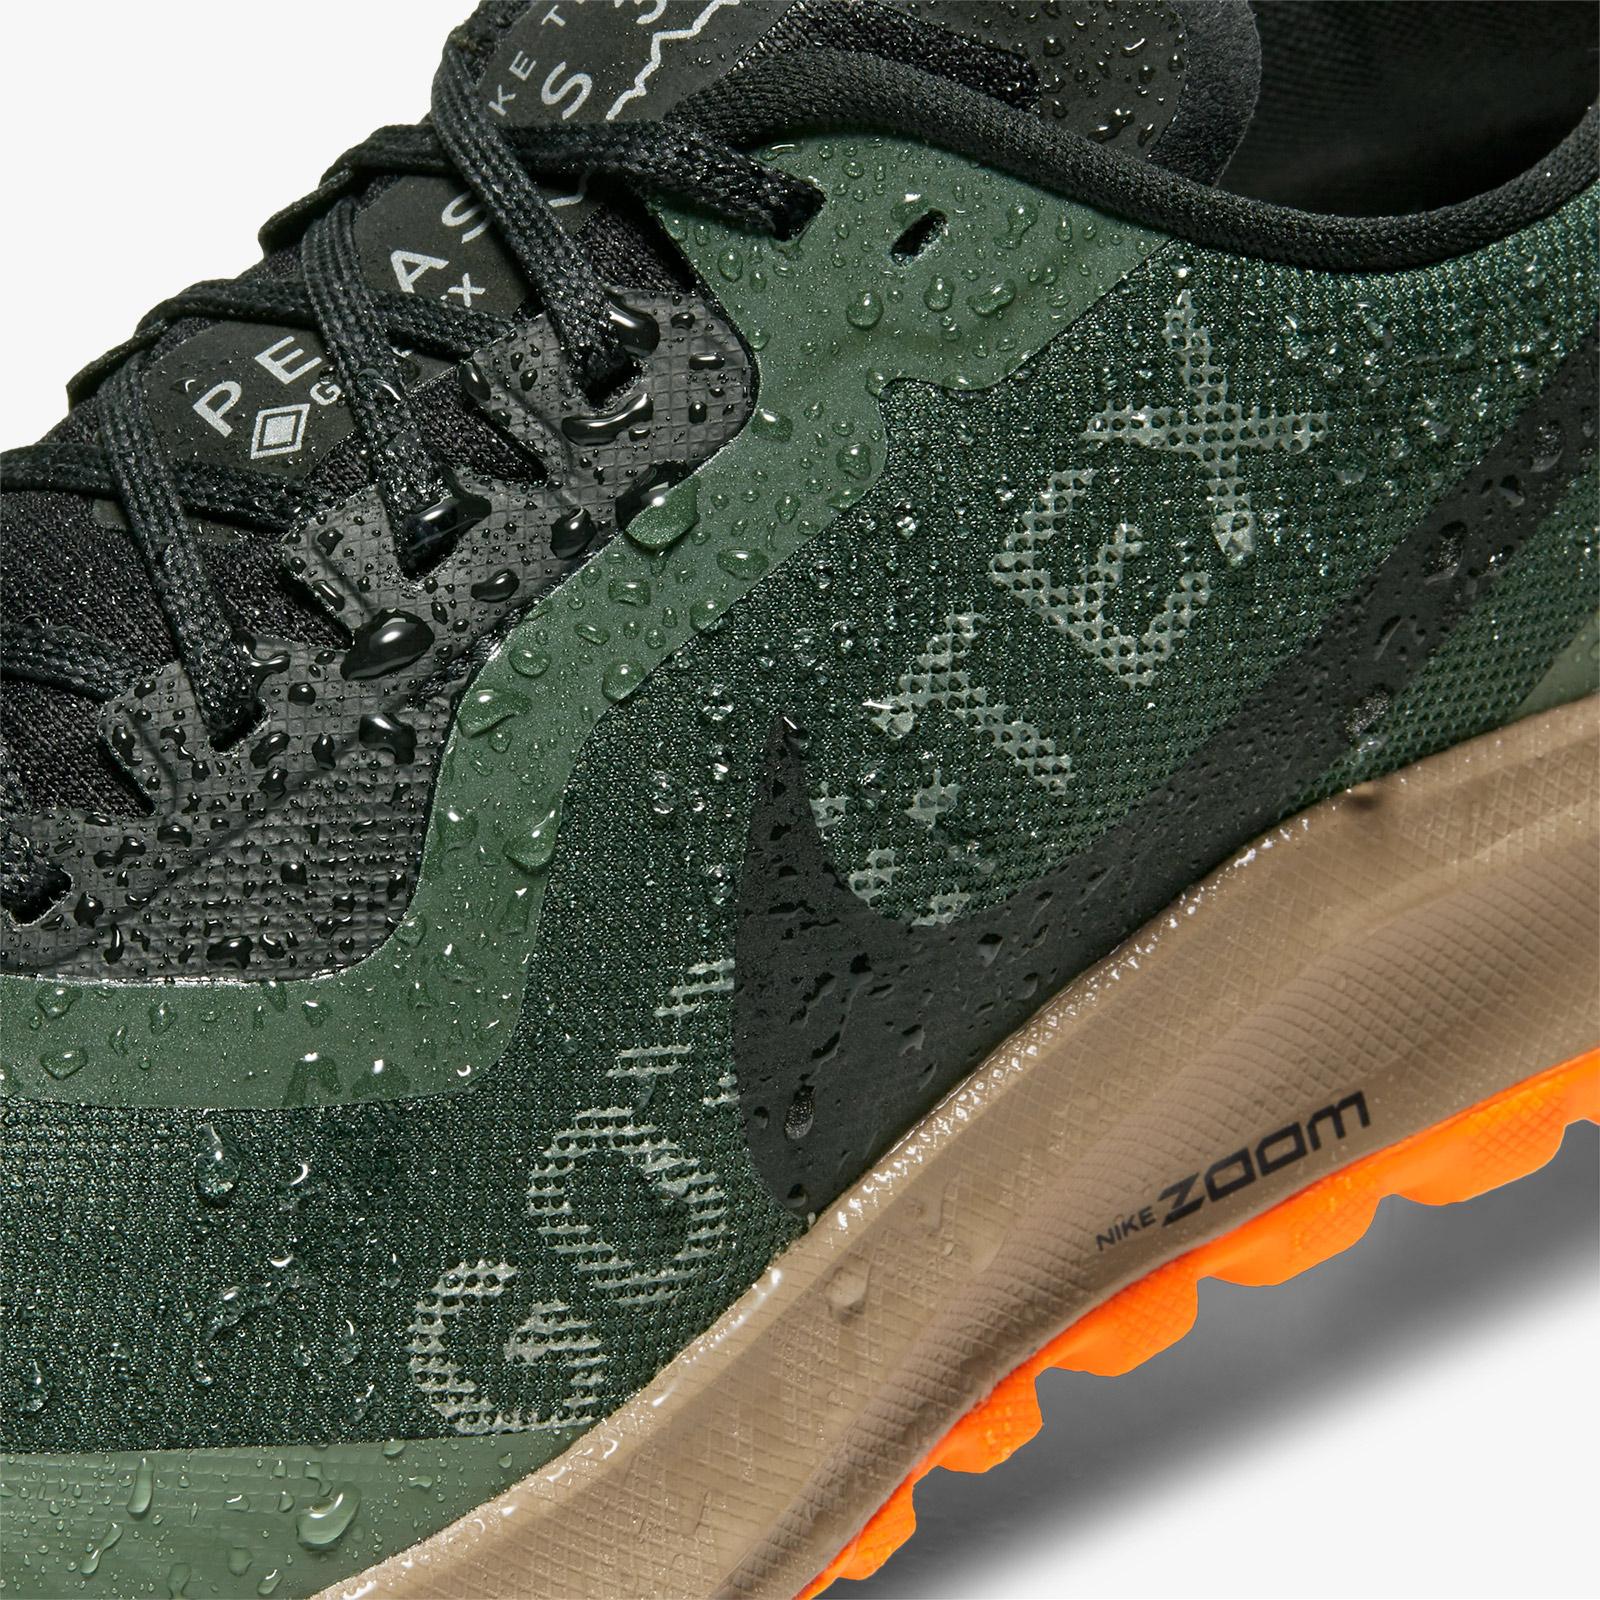 Nike Air Zoom Pegasus 36 Trail Gyakusou farfetch sneakers